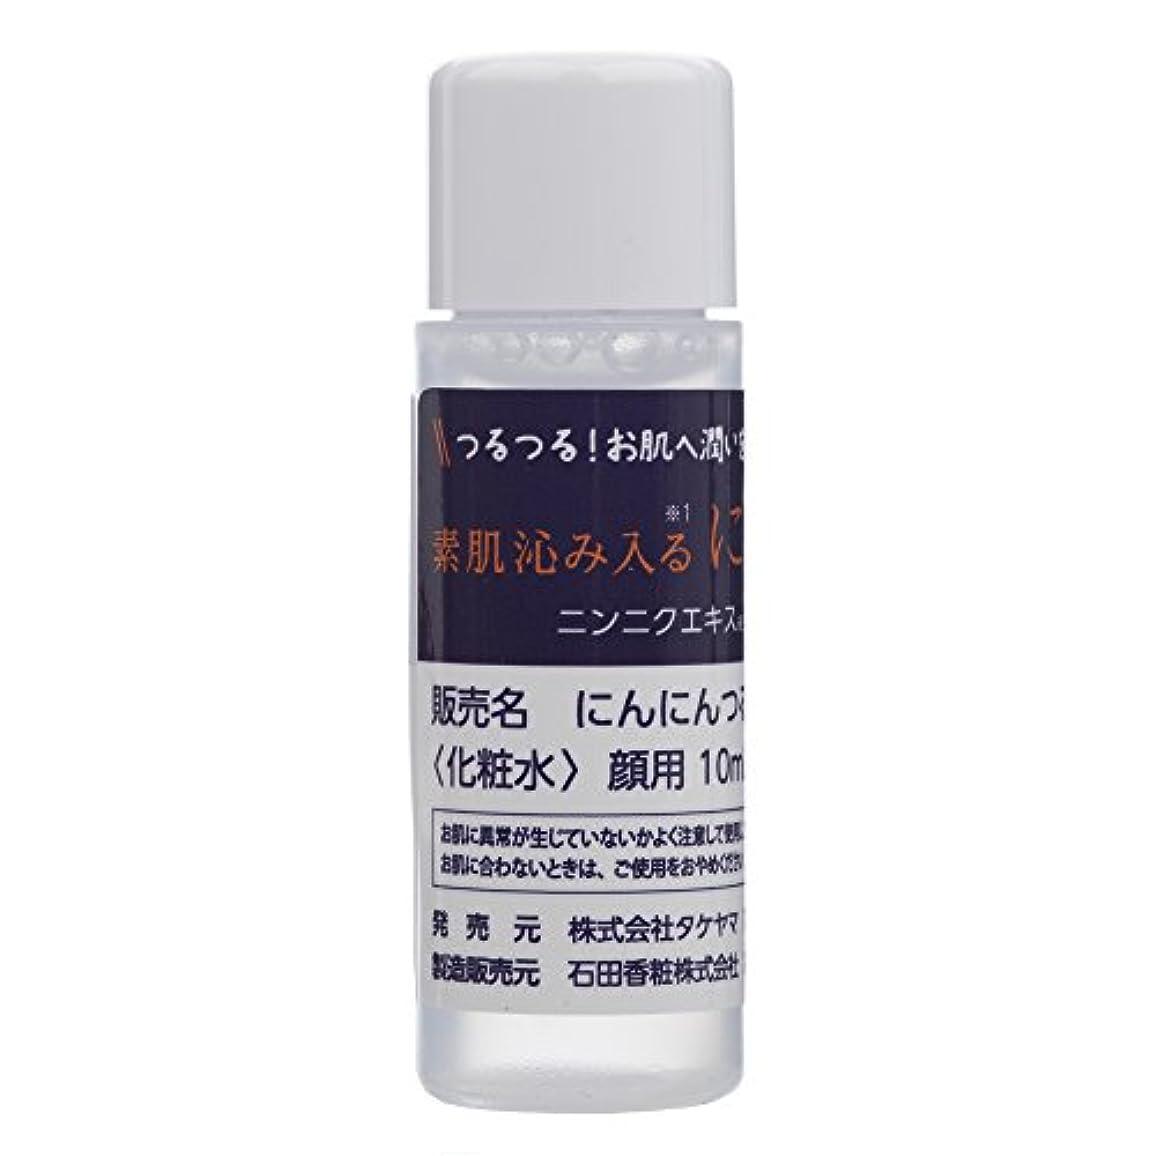 鰐外出残り物にんにんつるり お肌の健康と潤いを保つ化粧水です。 10ml